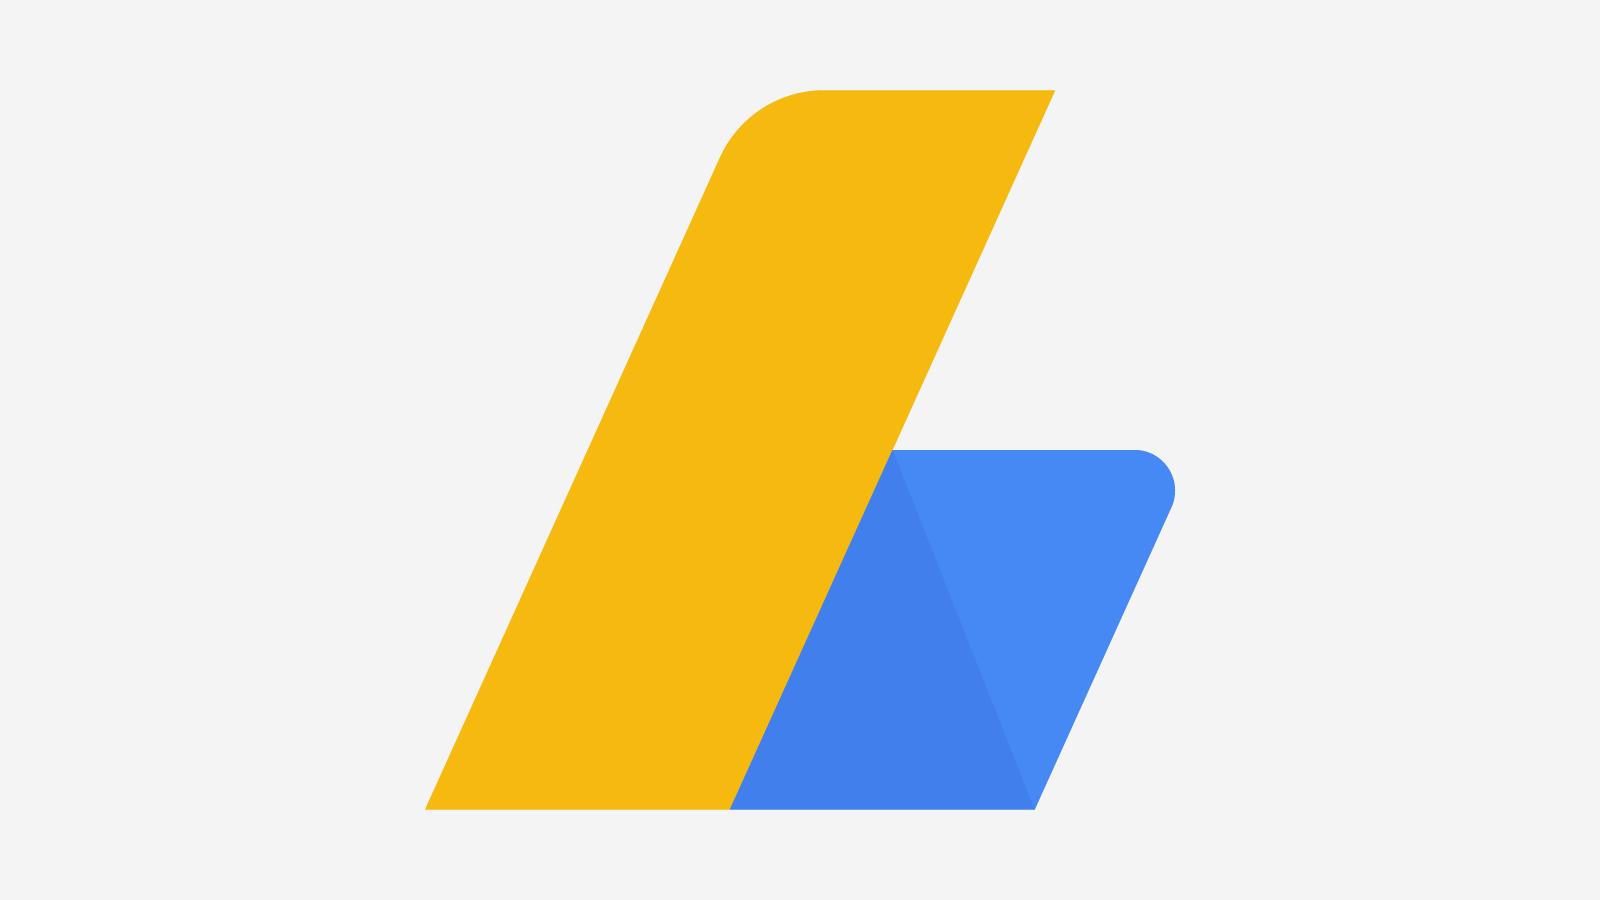 गूगल ऐडसेंस प्रोग्राम